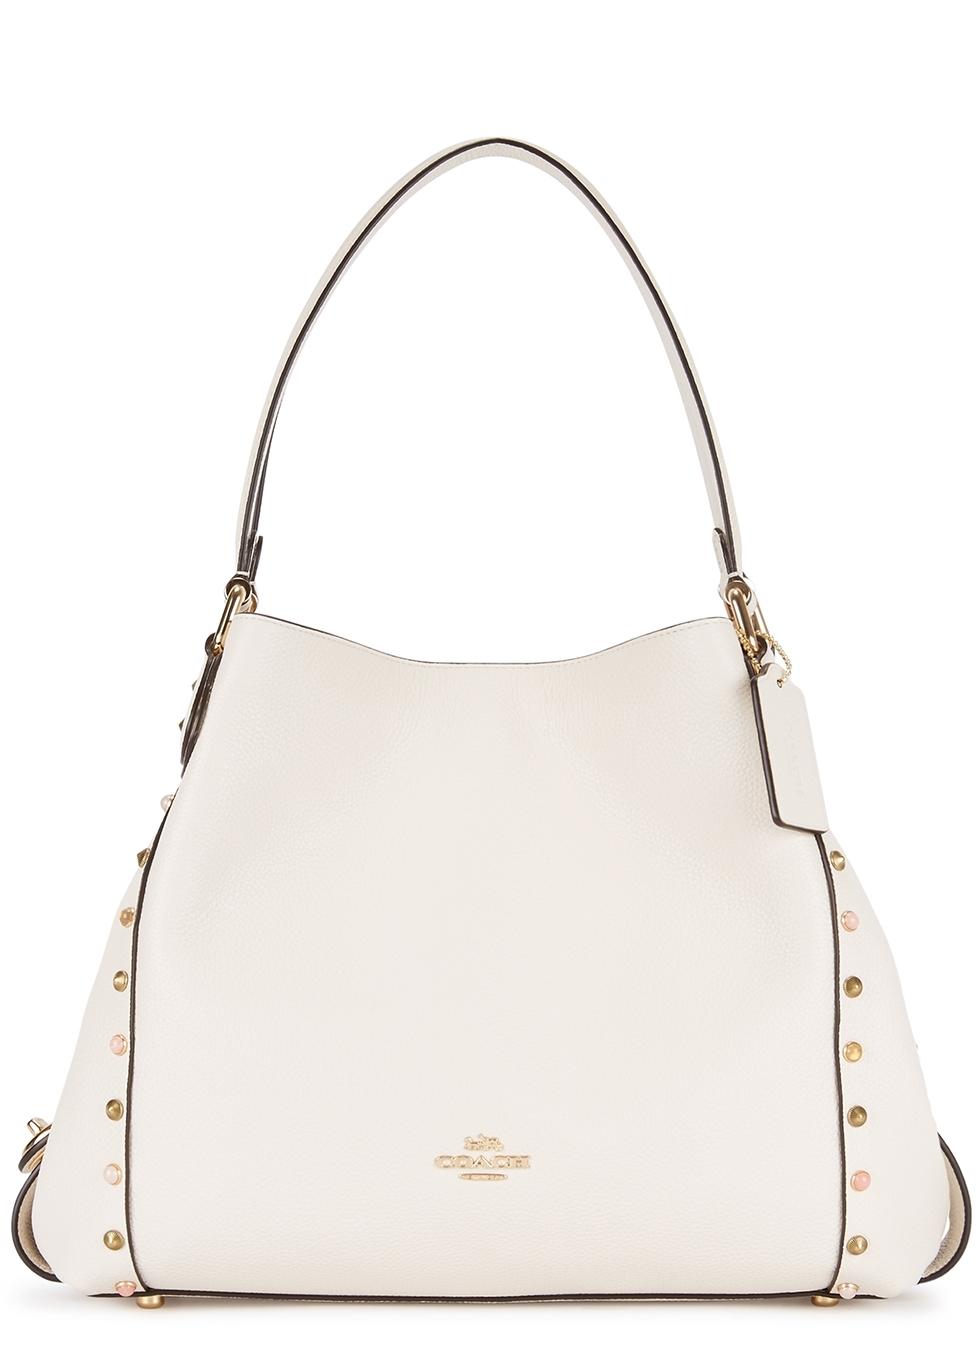 373c007b5076 Coach - Designer Bags